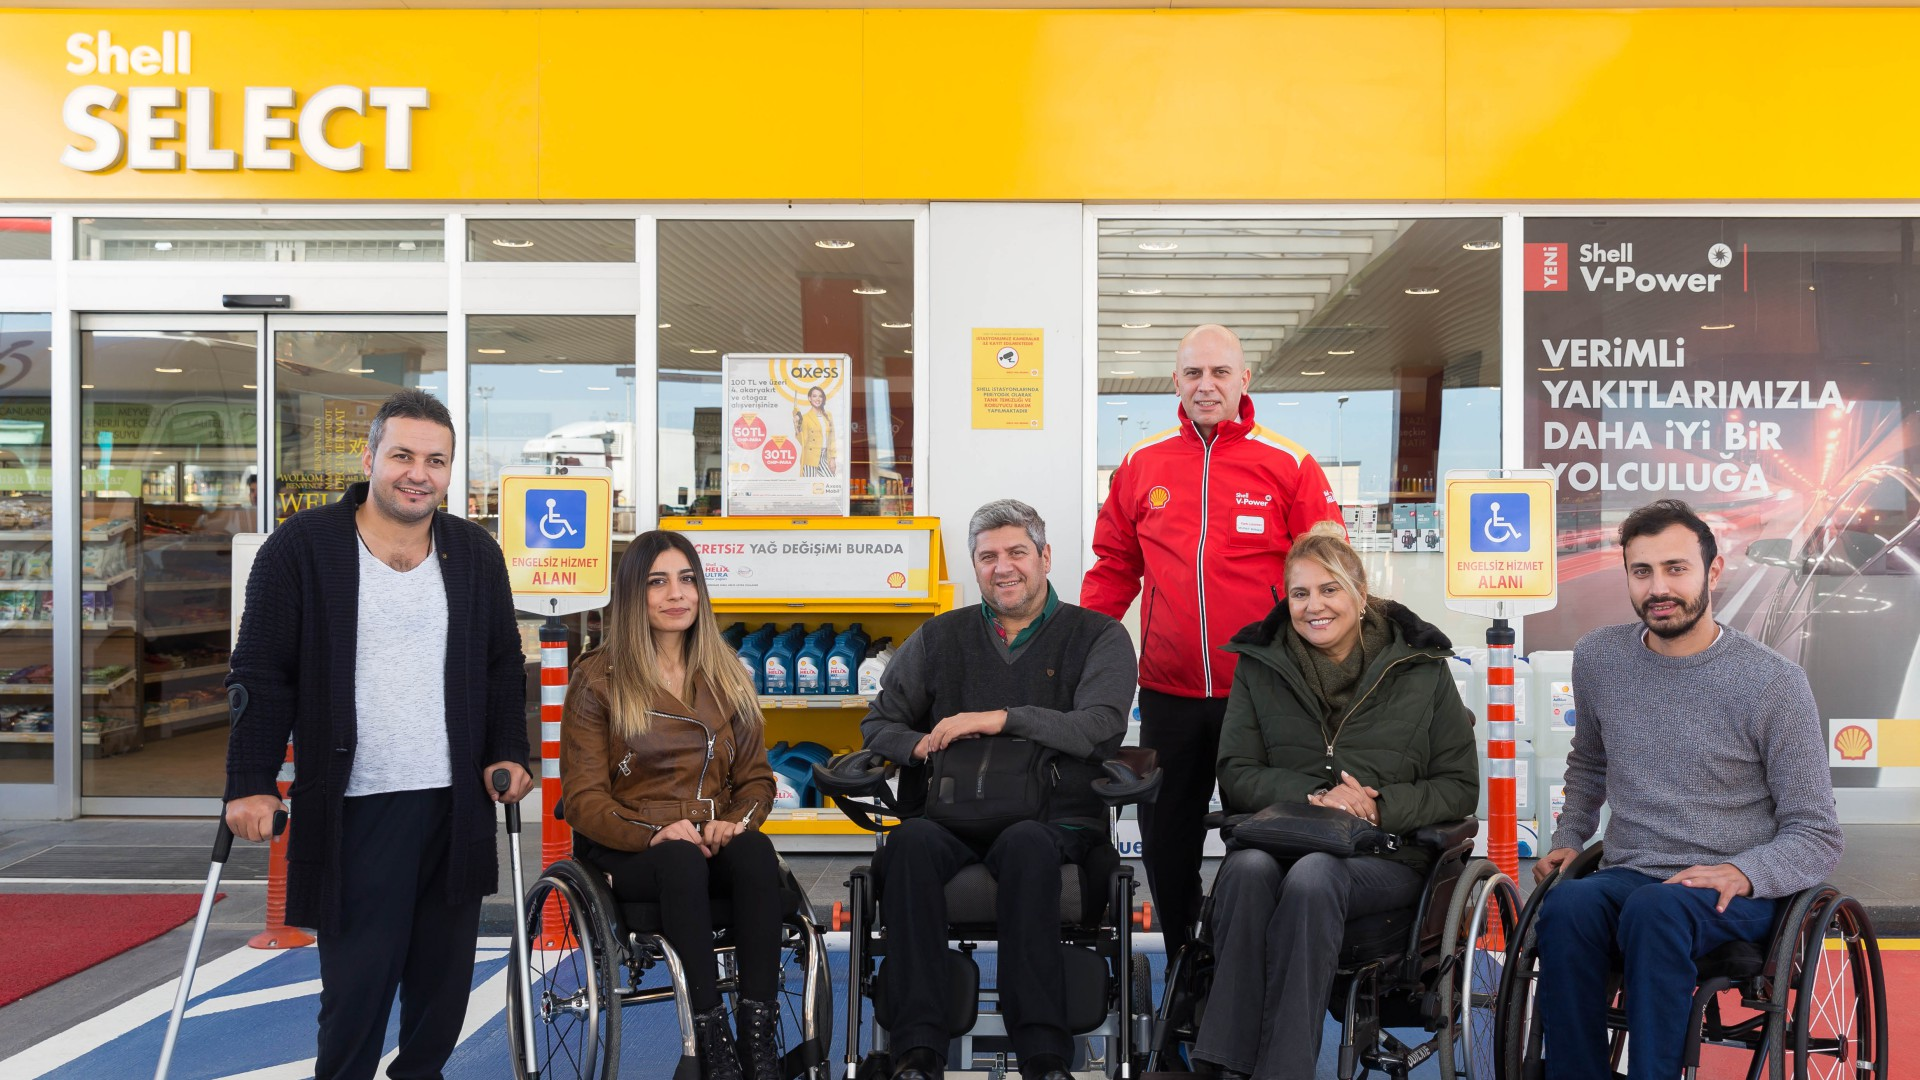 """Shell & Turcas'ın """"Engelsiz Hizmet Alanı"""" Sayısı 500 İstasyona Ulaştı"""